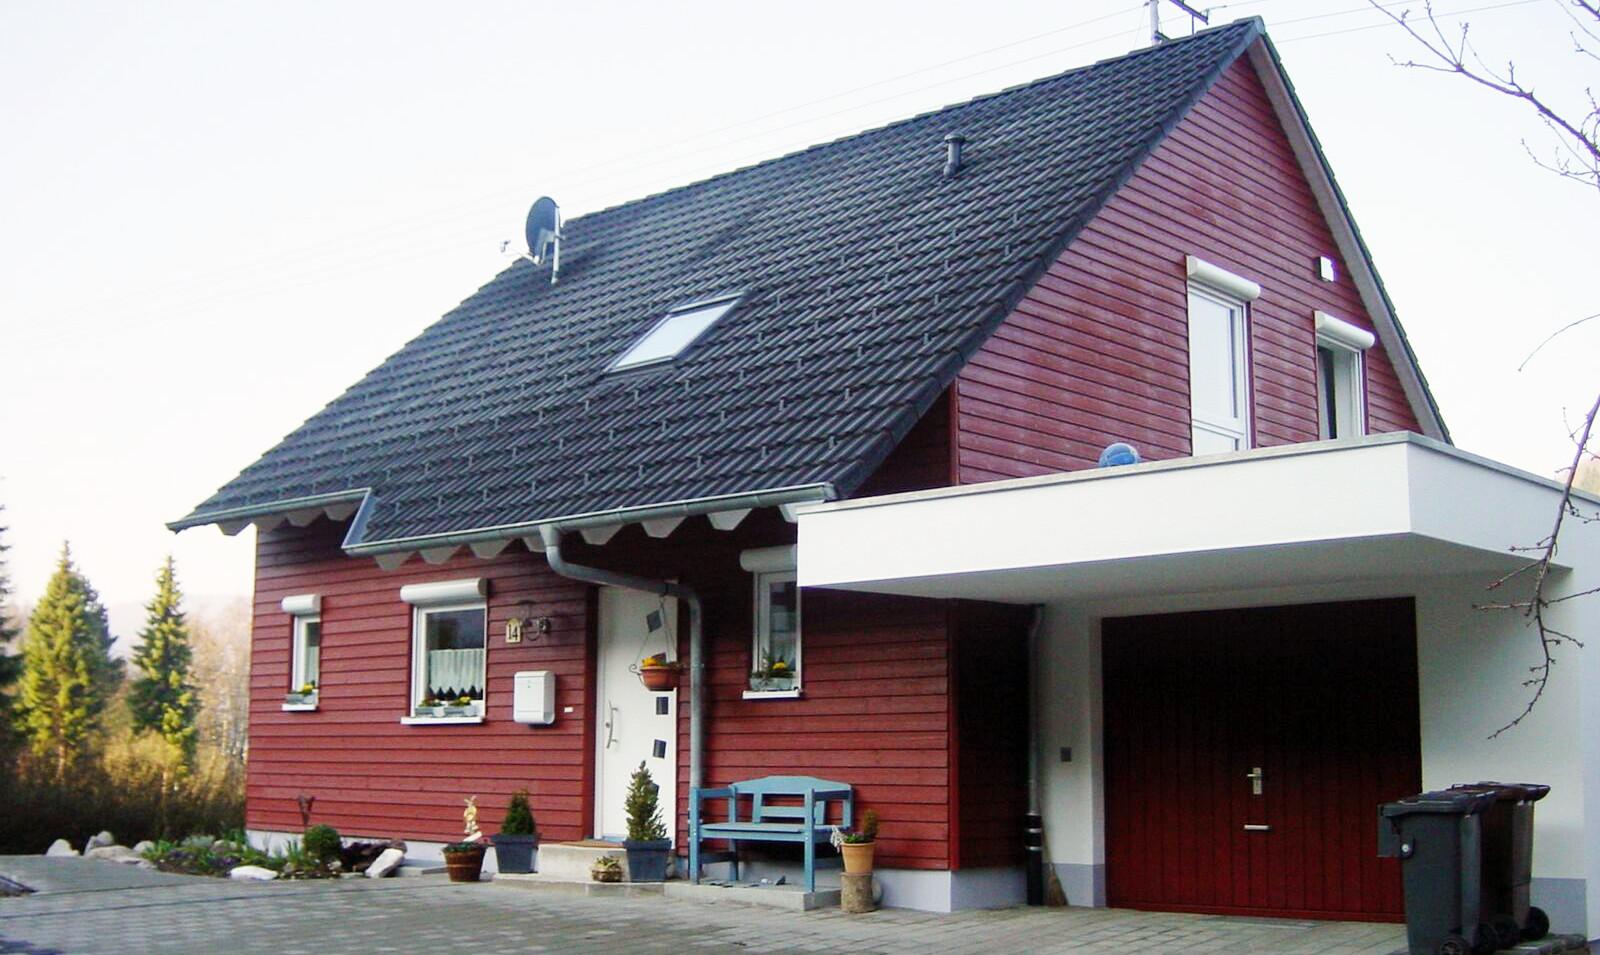 margrethausen-1600x955